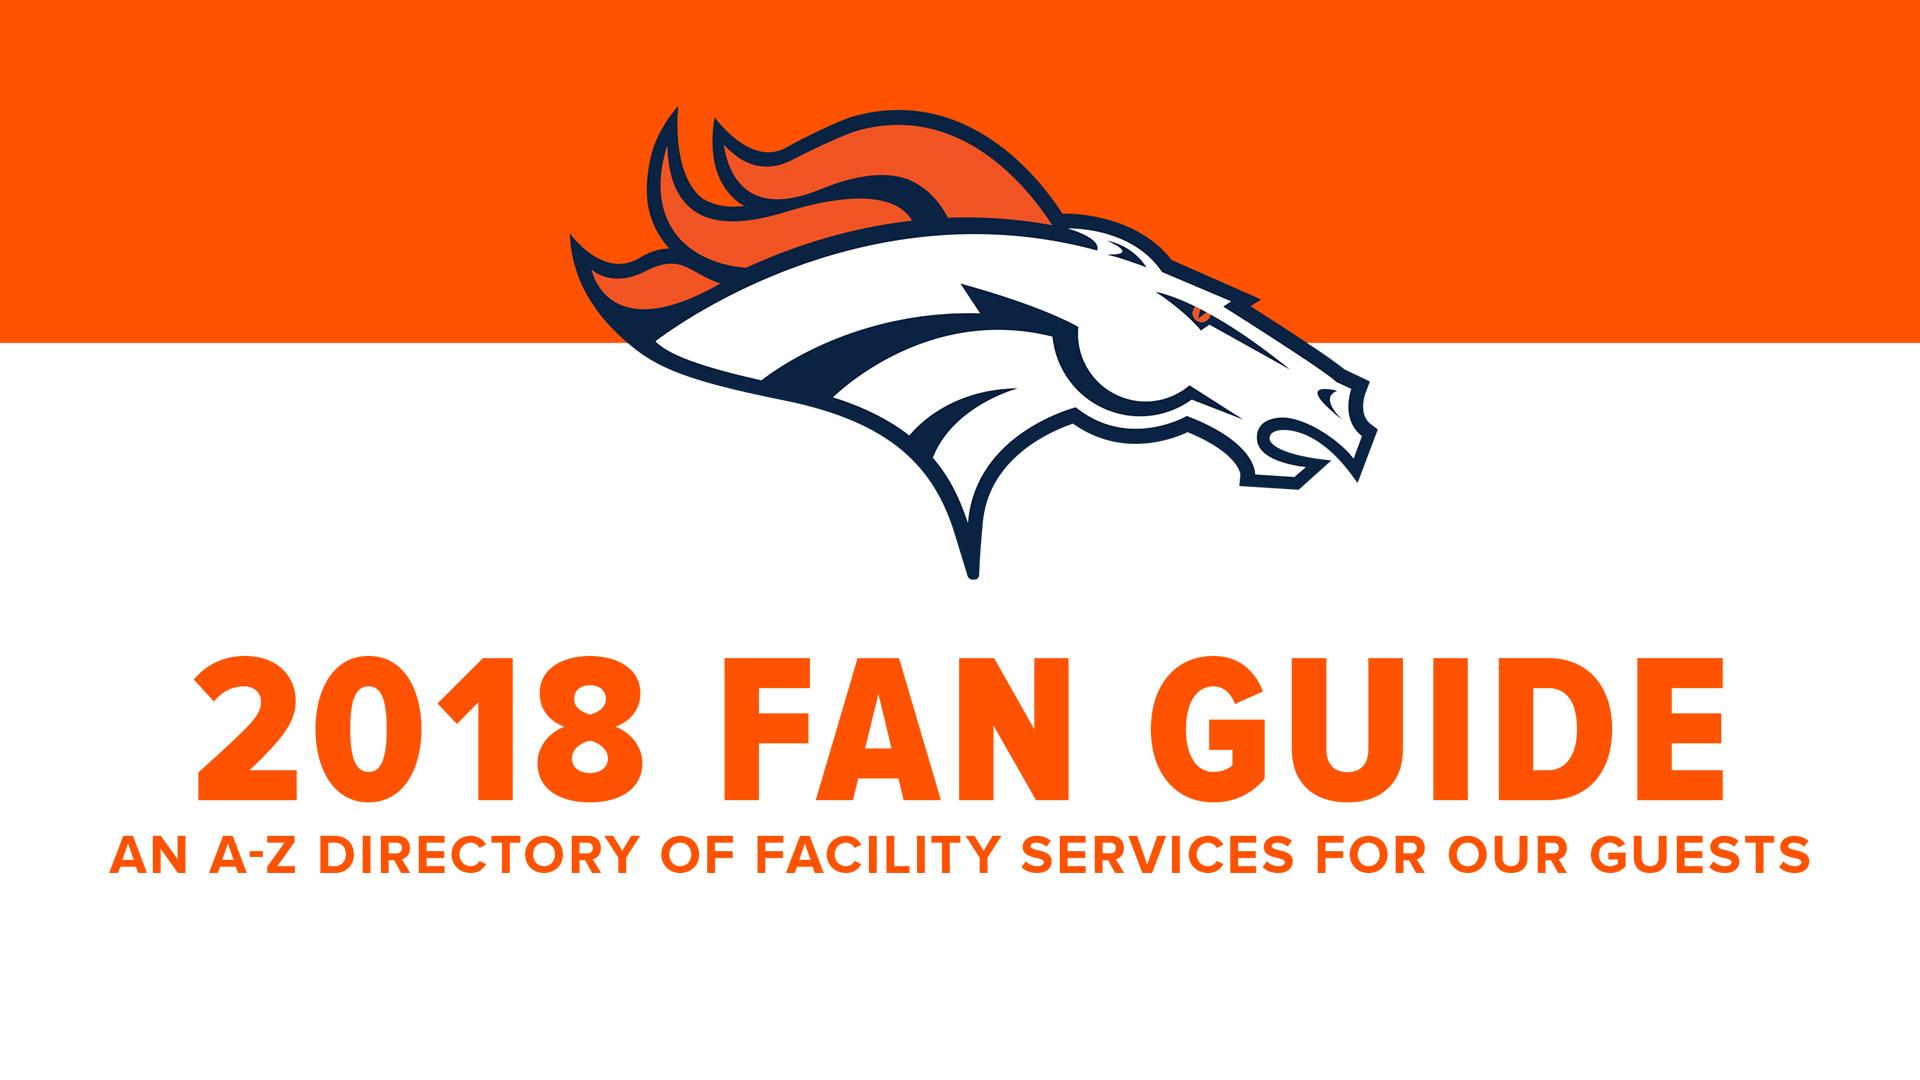 2018 Fan Guide